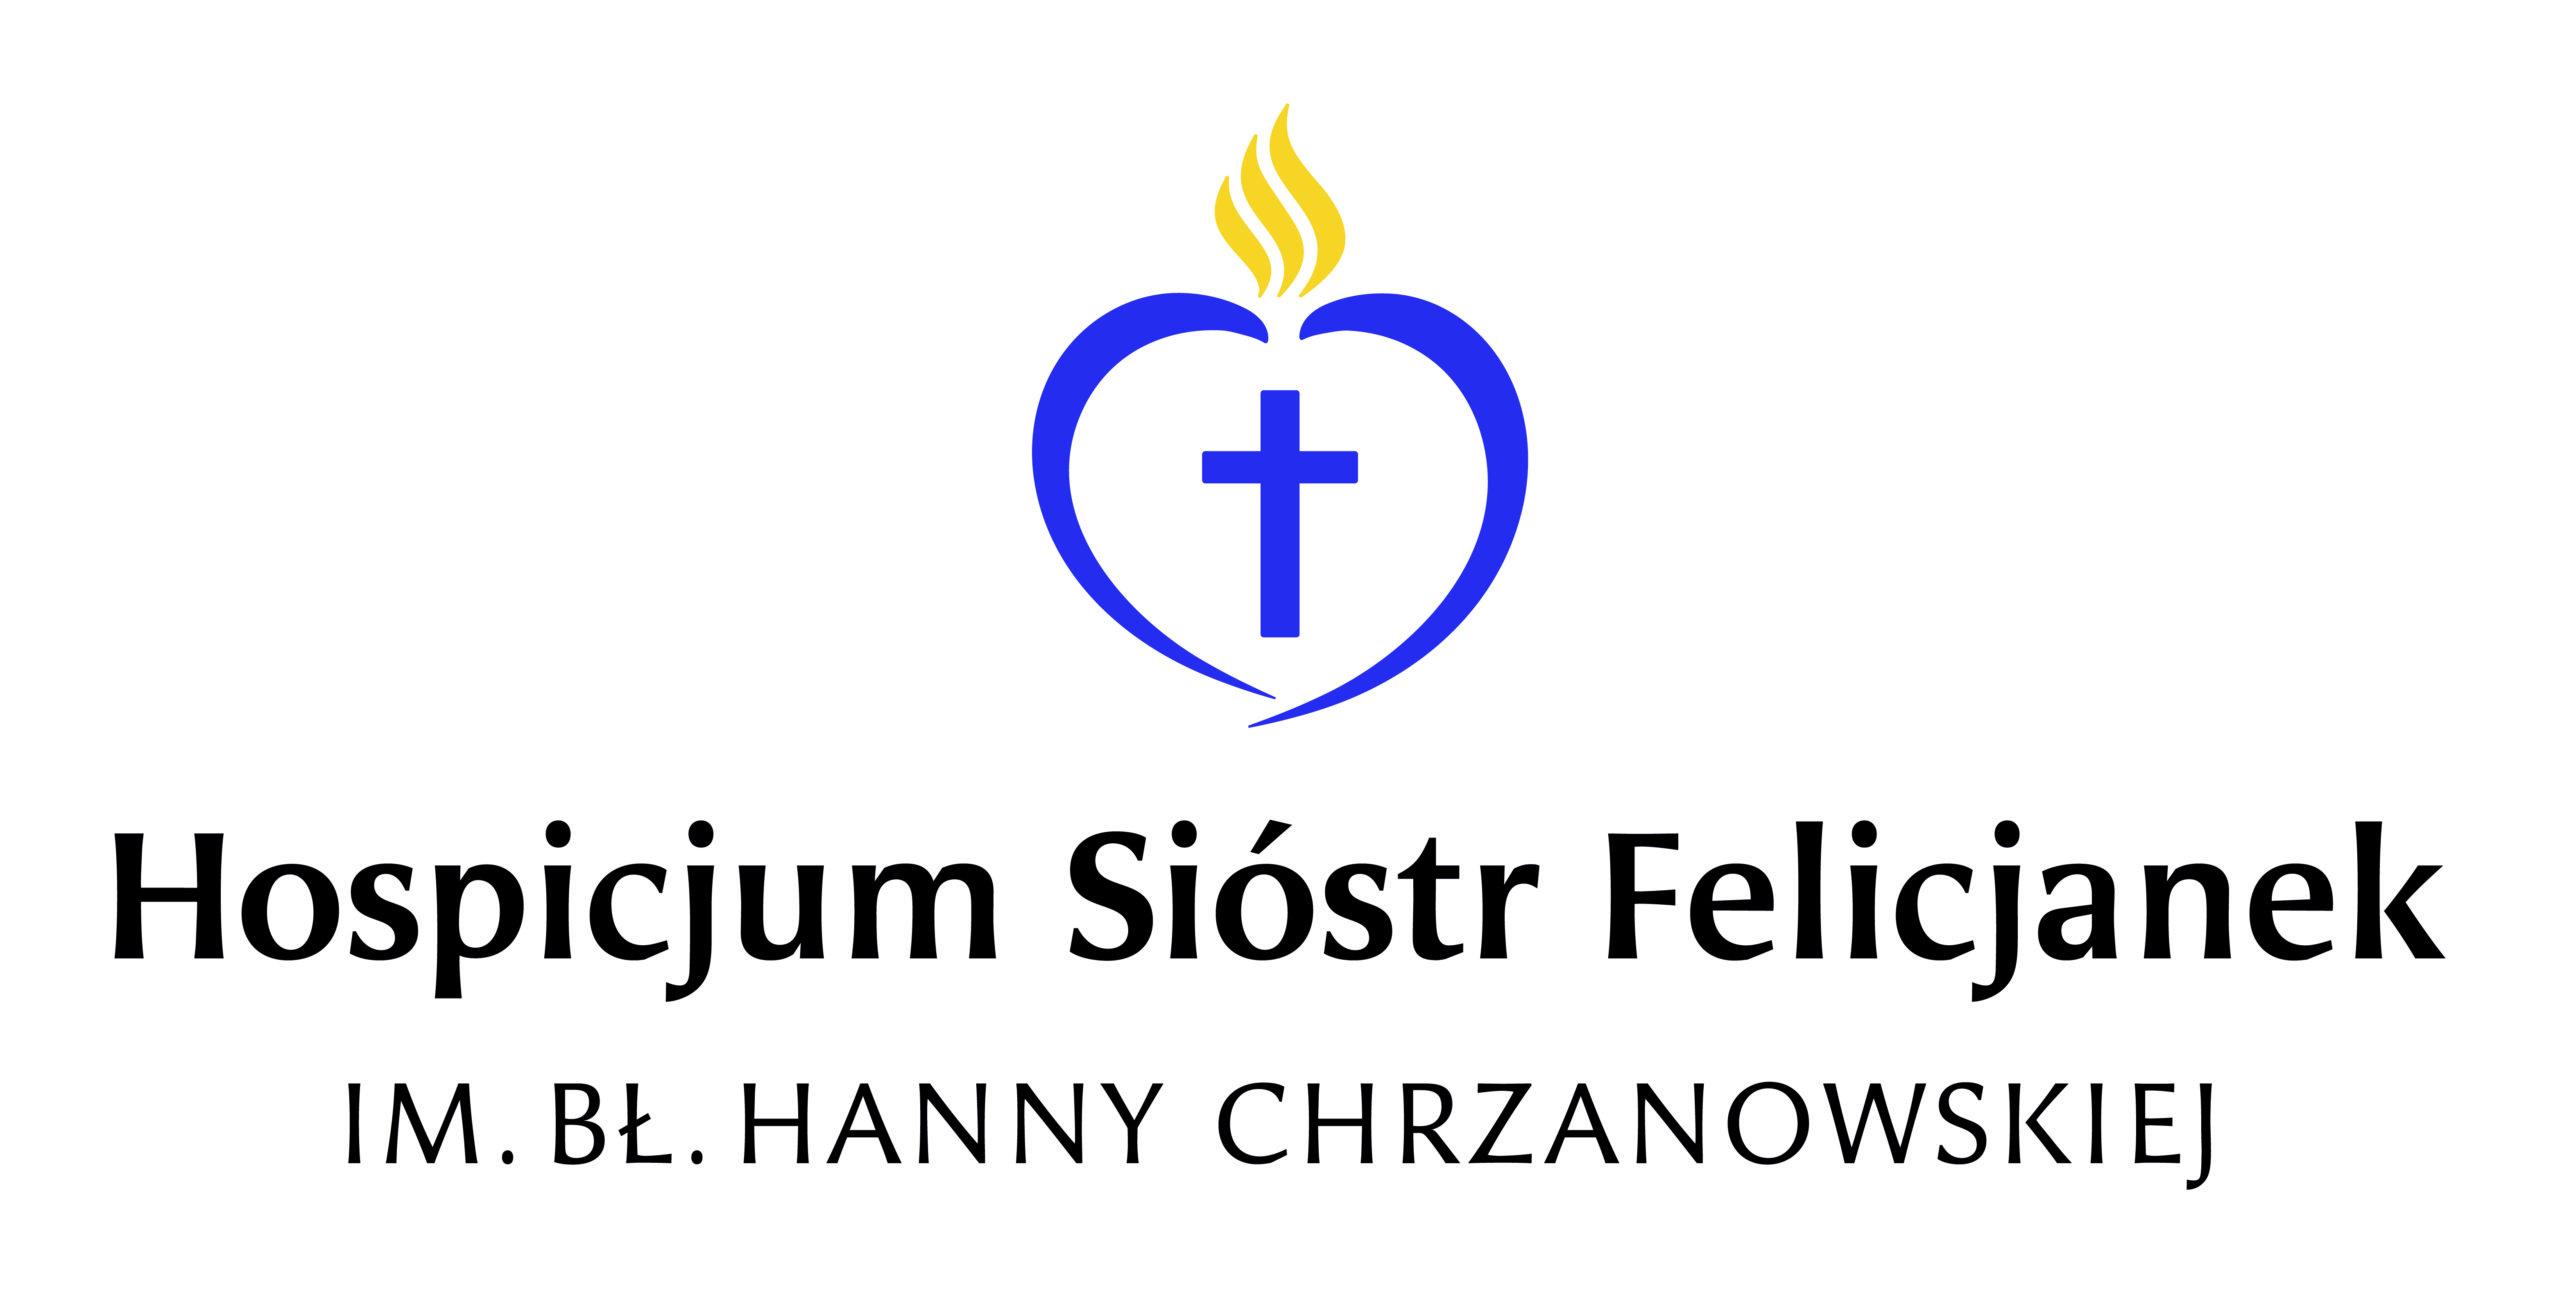 Hospicjum Sióstr Felicjanek im. bł. Hanny Chrzanowskiej w Warszawie